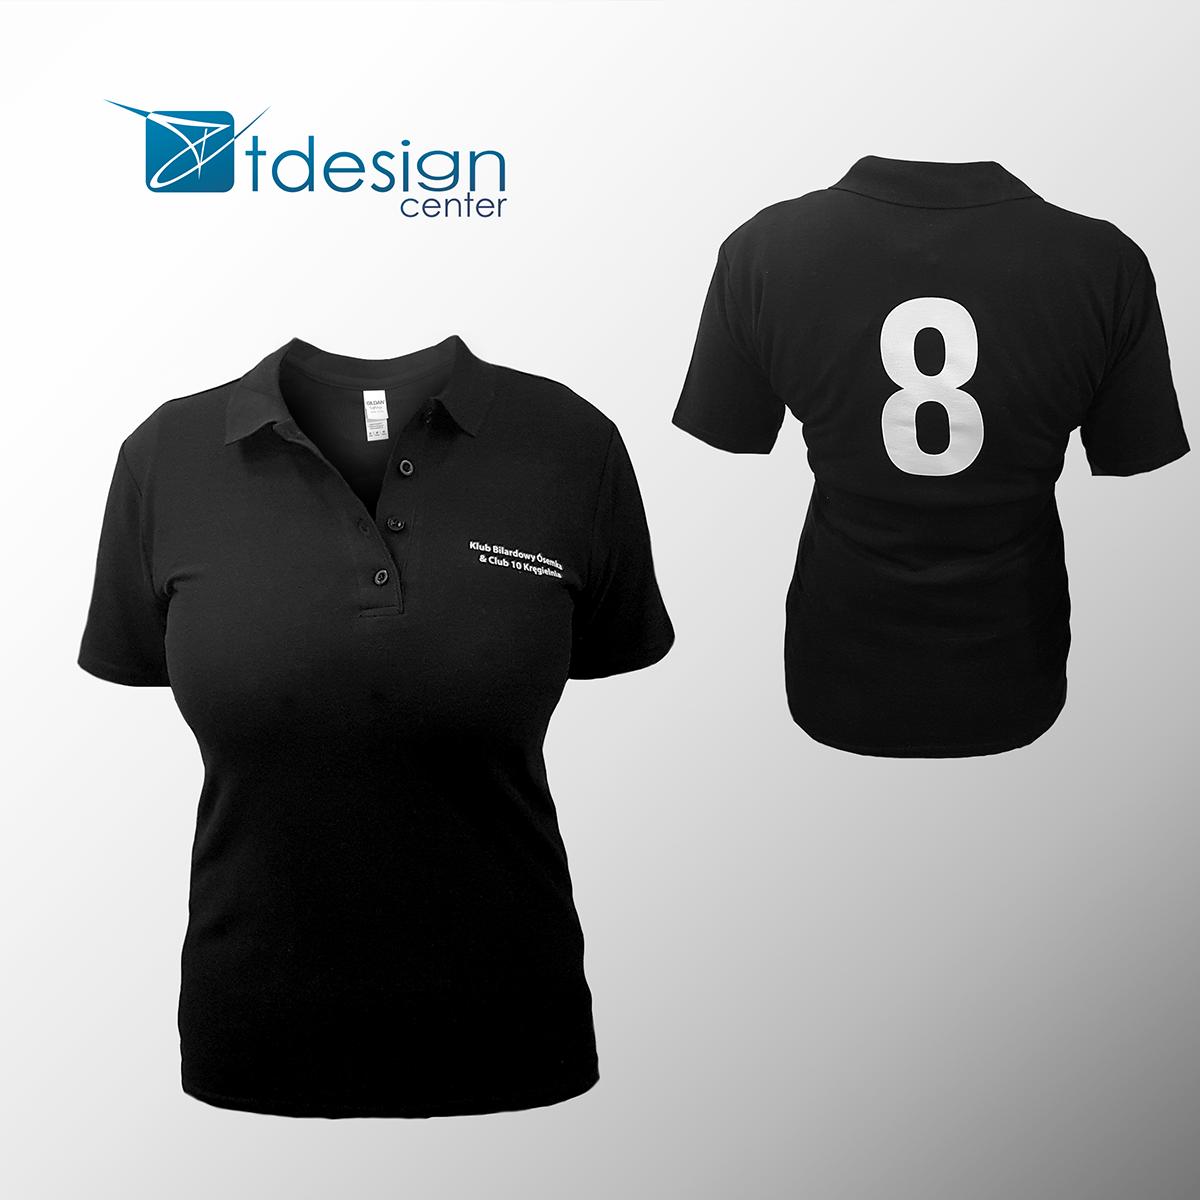 Koszulka Polo z nadrukiem - projekt + realizacja